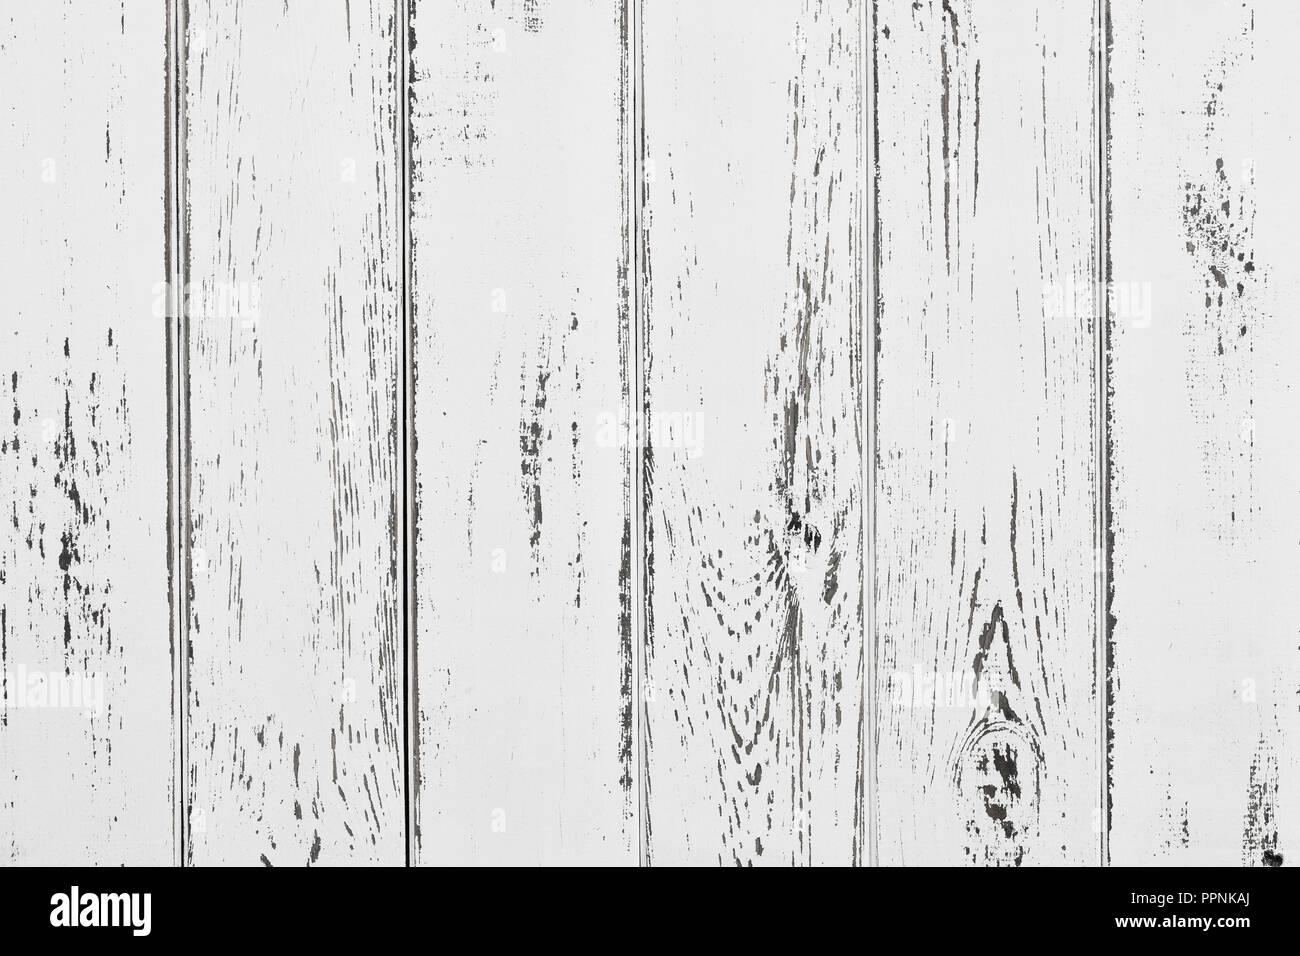 Legno Naturale Bianco : Vintage verniciato bianco candido rustico in legno vecchio tavole